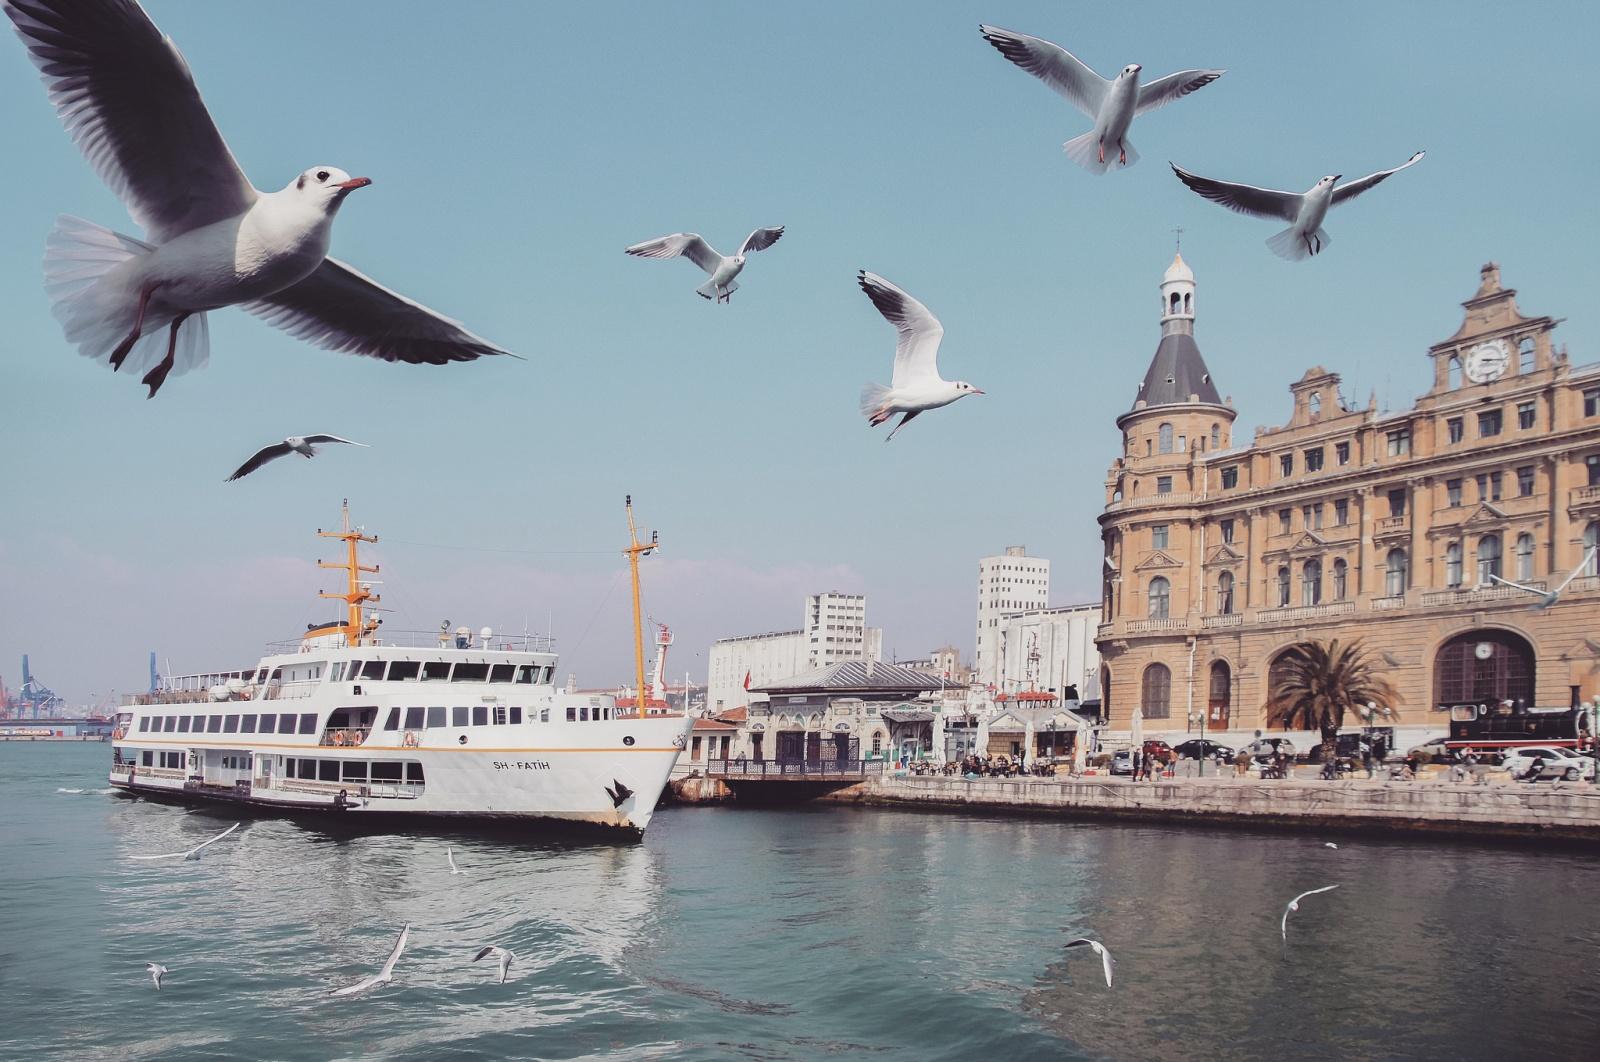 Istanbul Haydarpasa Kadiköy Seagulls